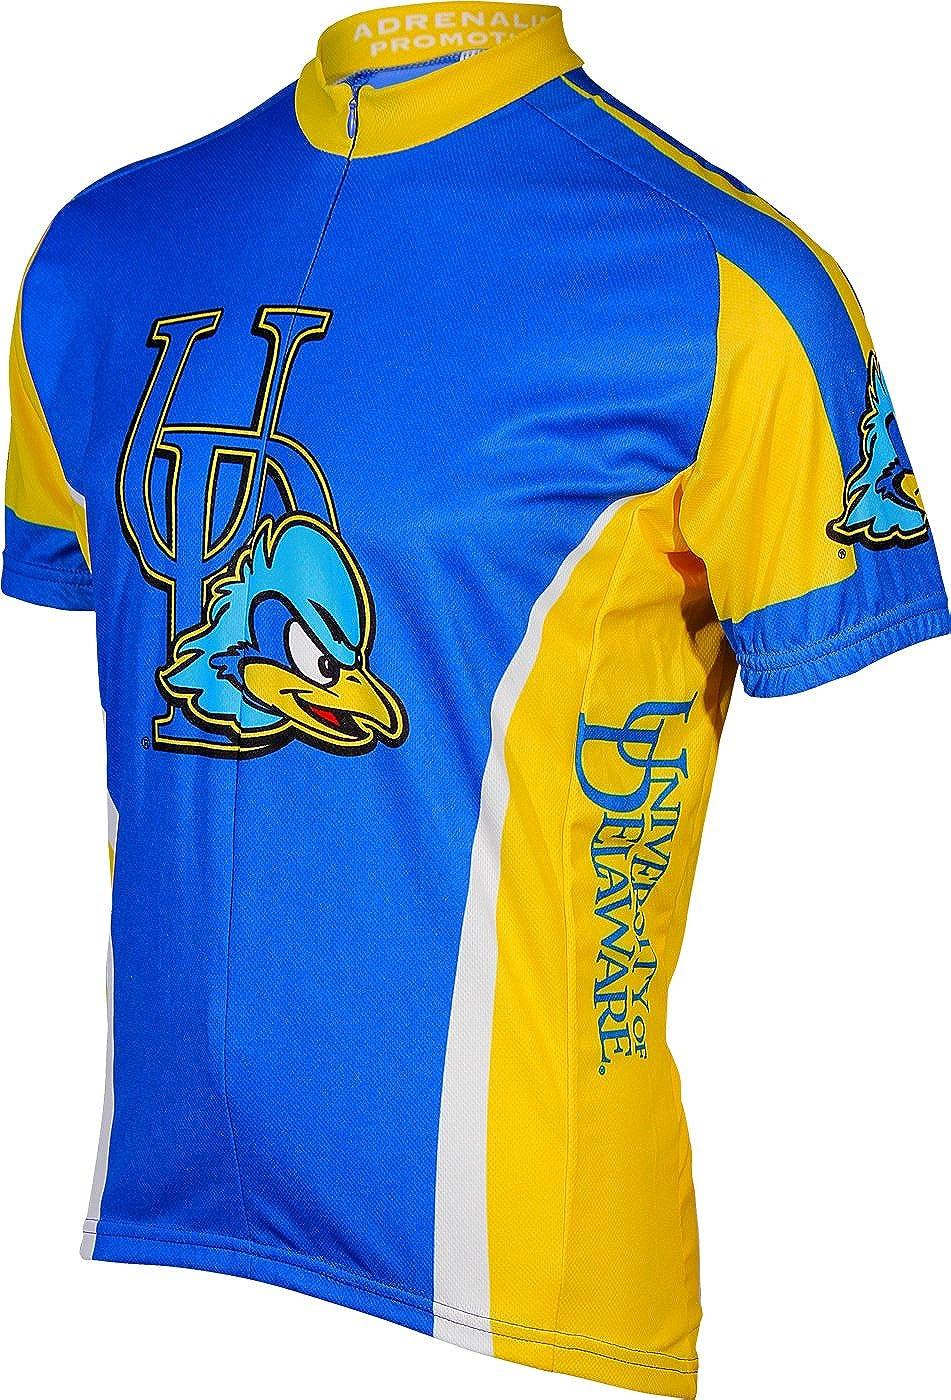 on sale 284b7 6a4b7 NCAA Men's Delaware Fightin Blue Hens Cycling Jersey